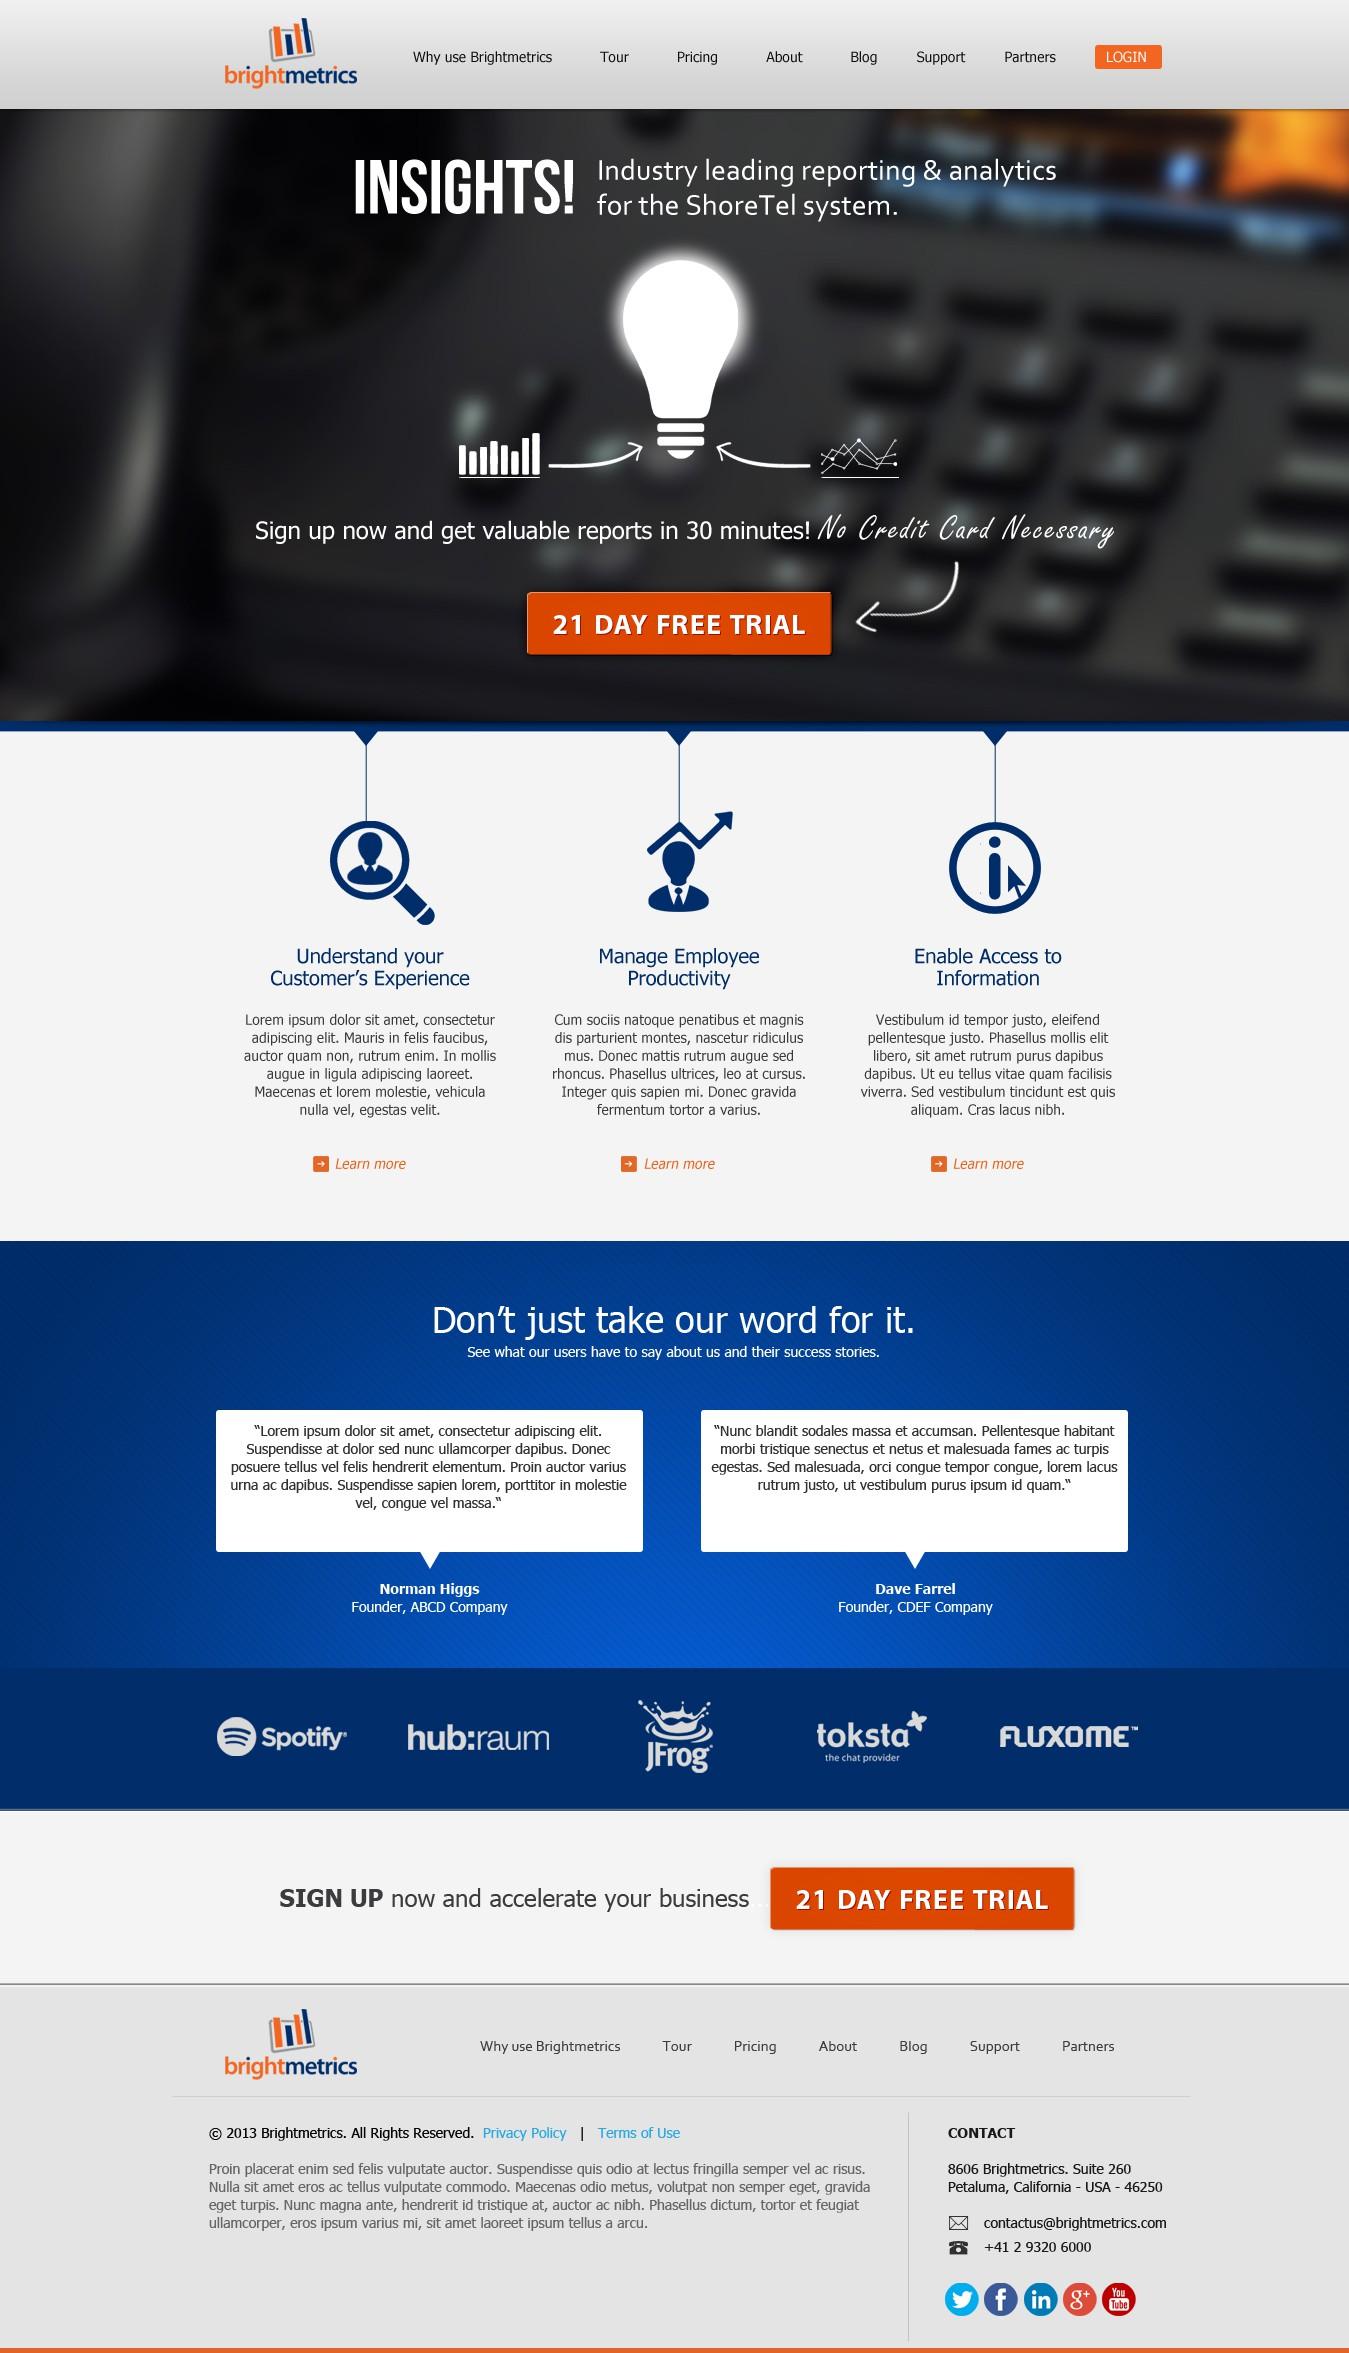 website design for Brightmetrics